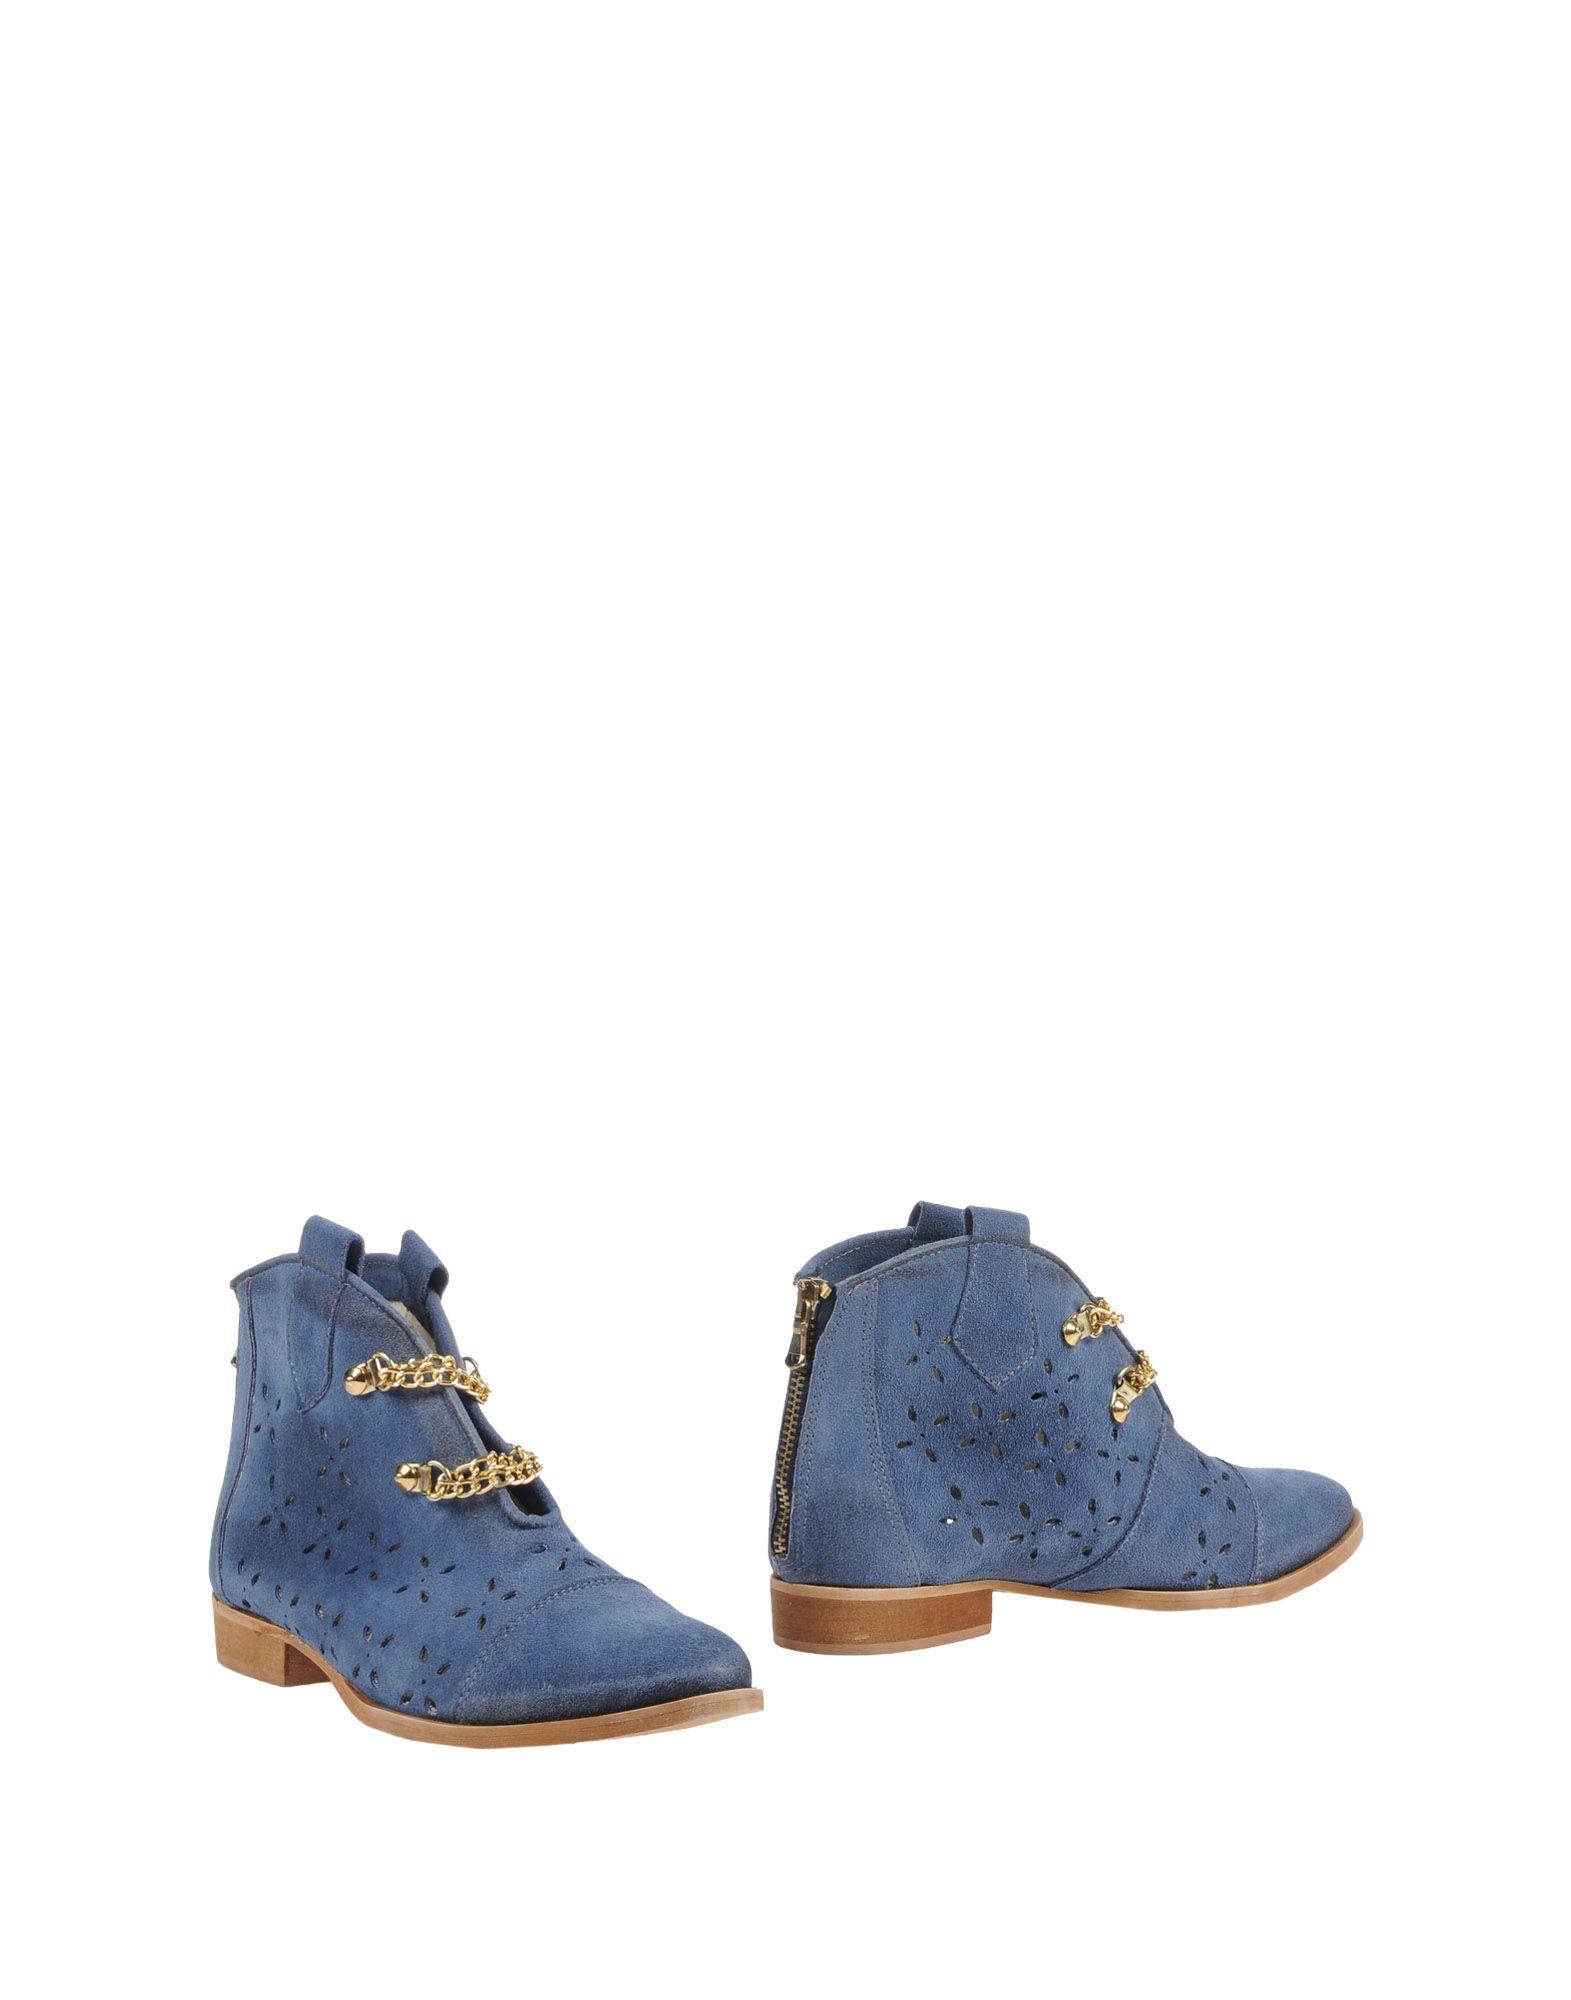 ONAKO' Полусапоги и высокие ботинки полусапоги onako полусапоги